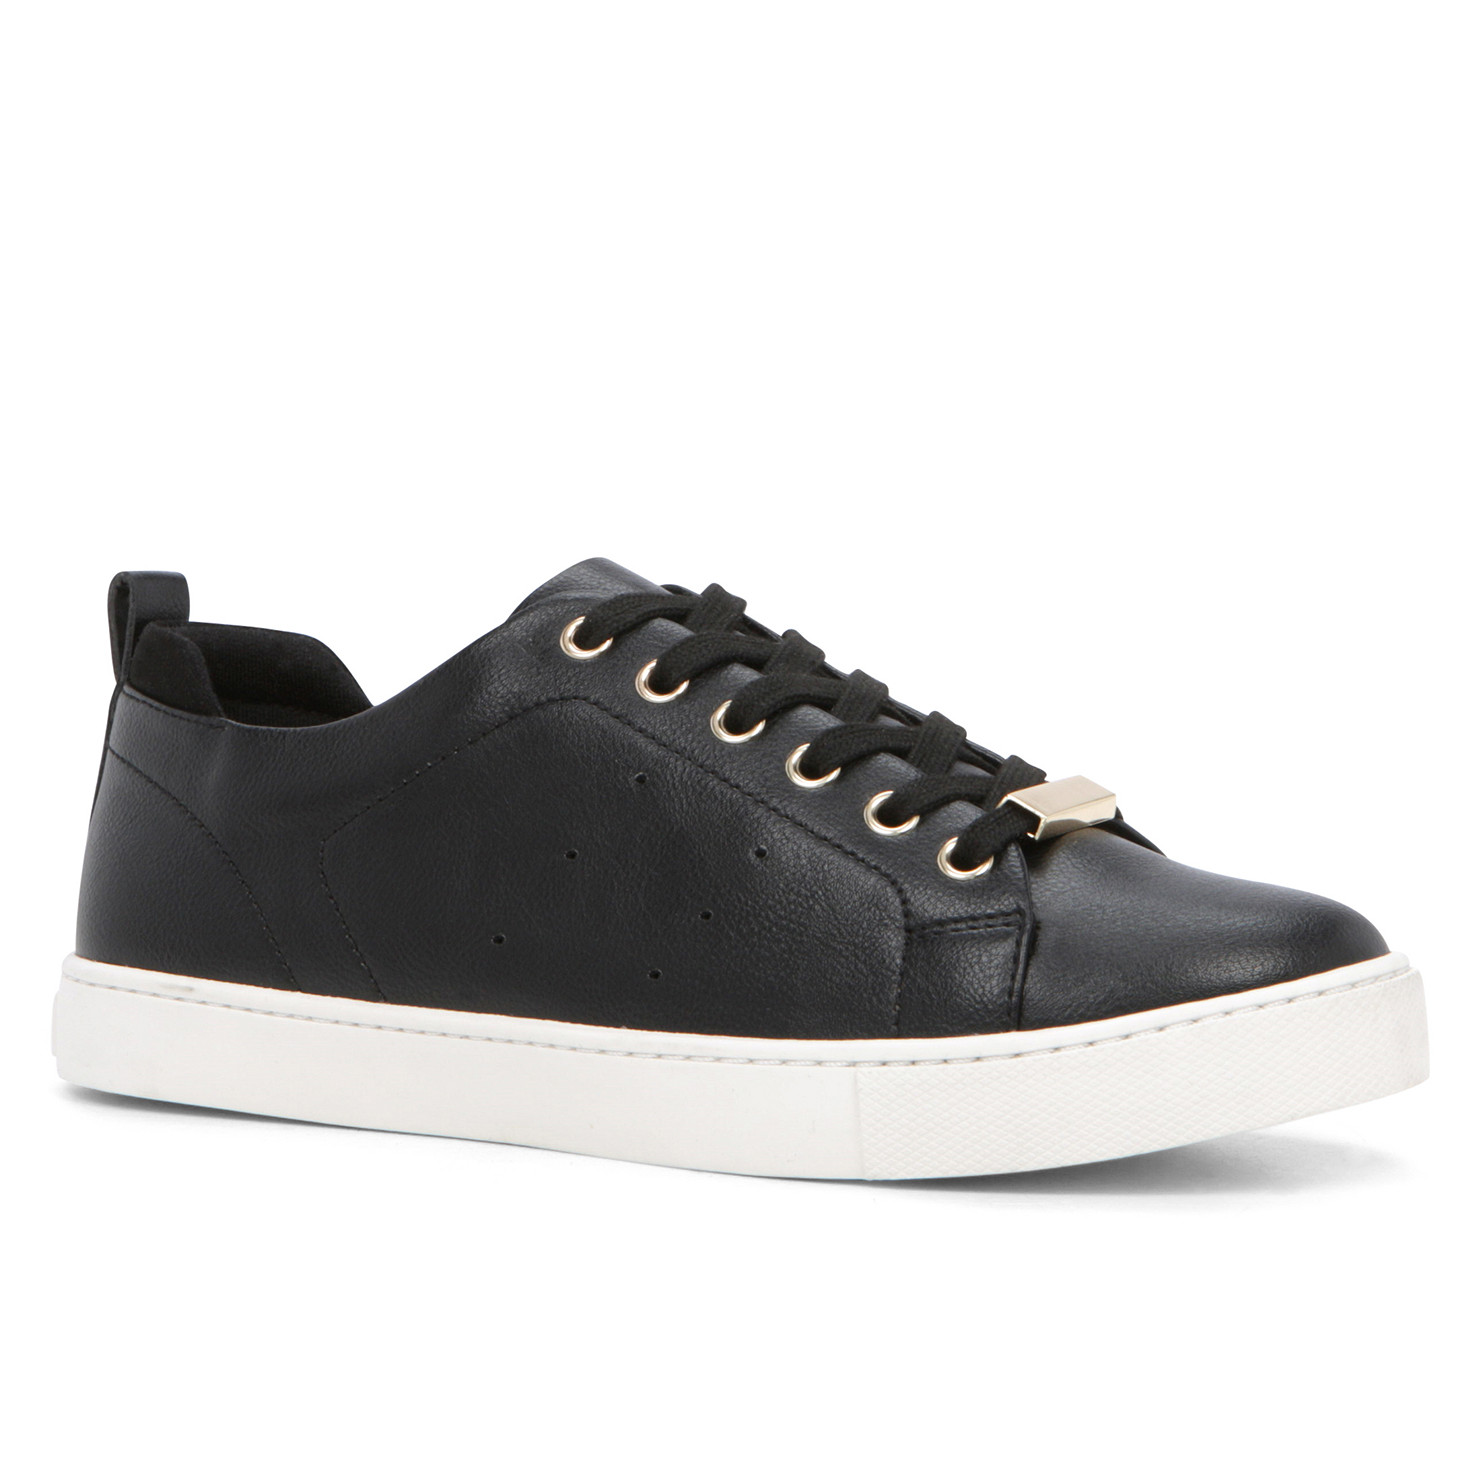 Merane Sneakers | Women's Shoes |